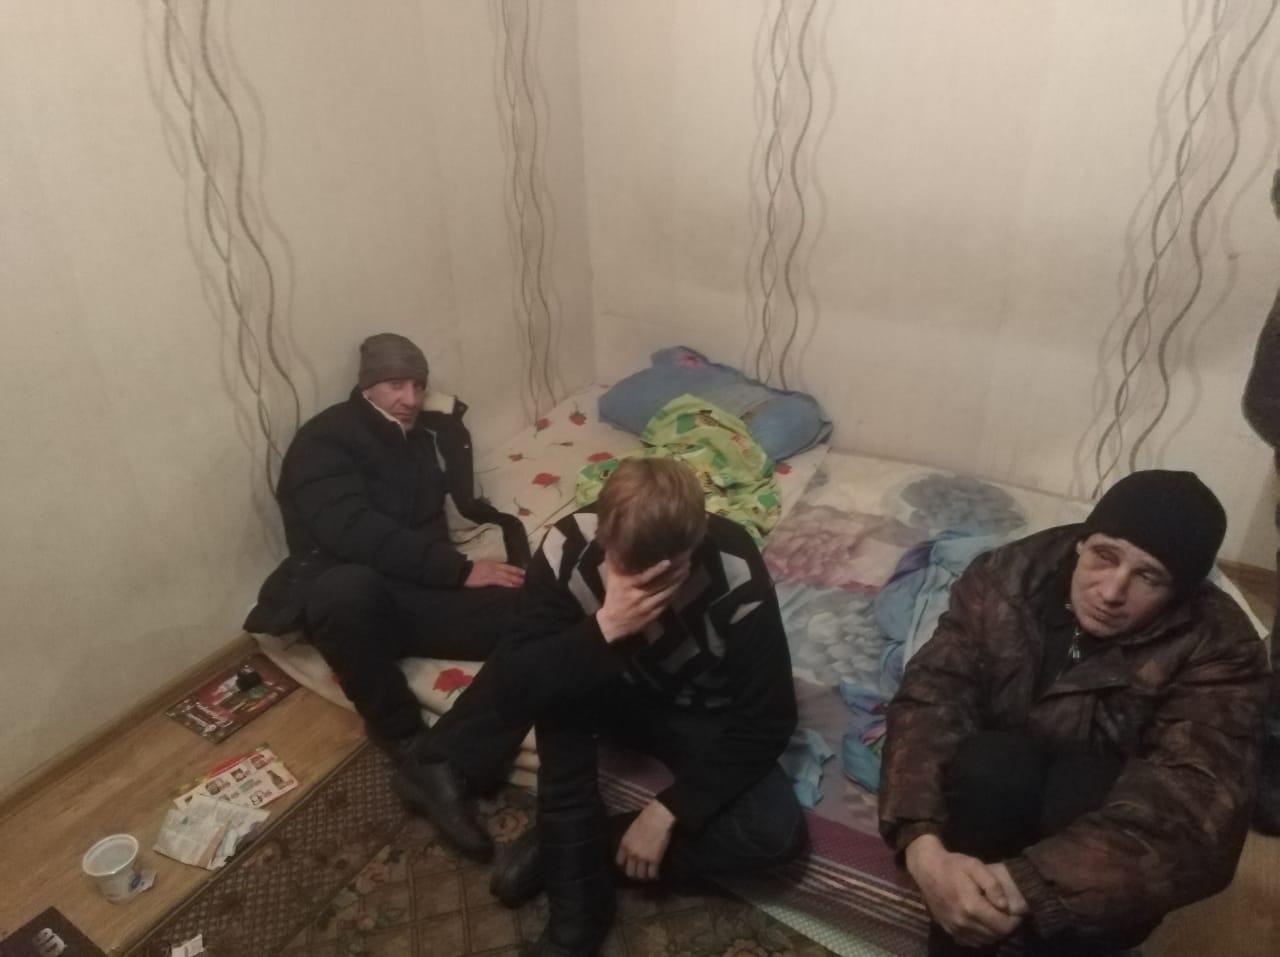 Сотрудниками УМВД России по Коломенскому г.о. задержан подозреваемый в организации притона.